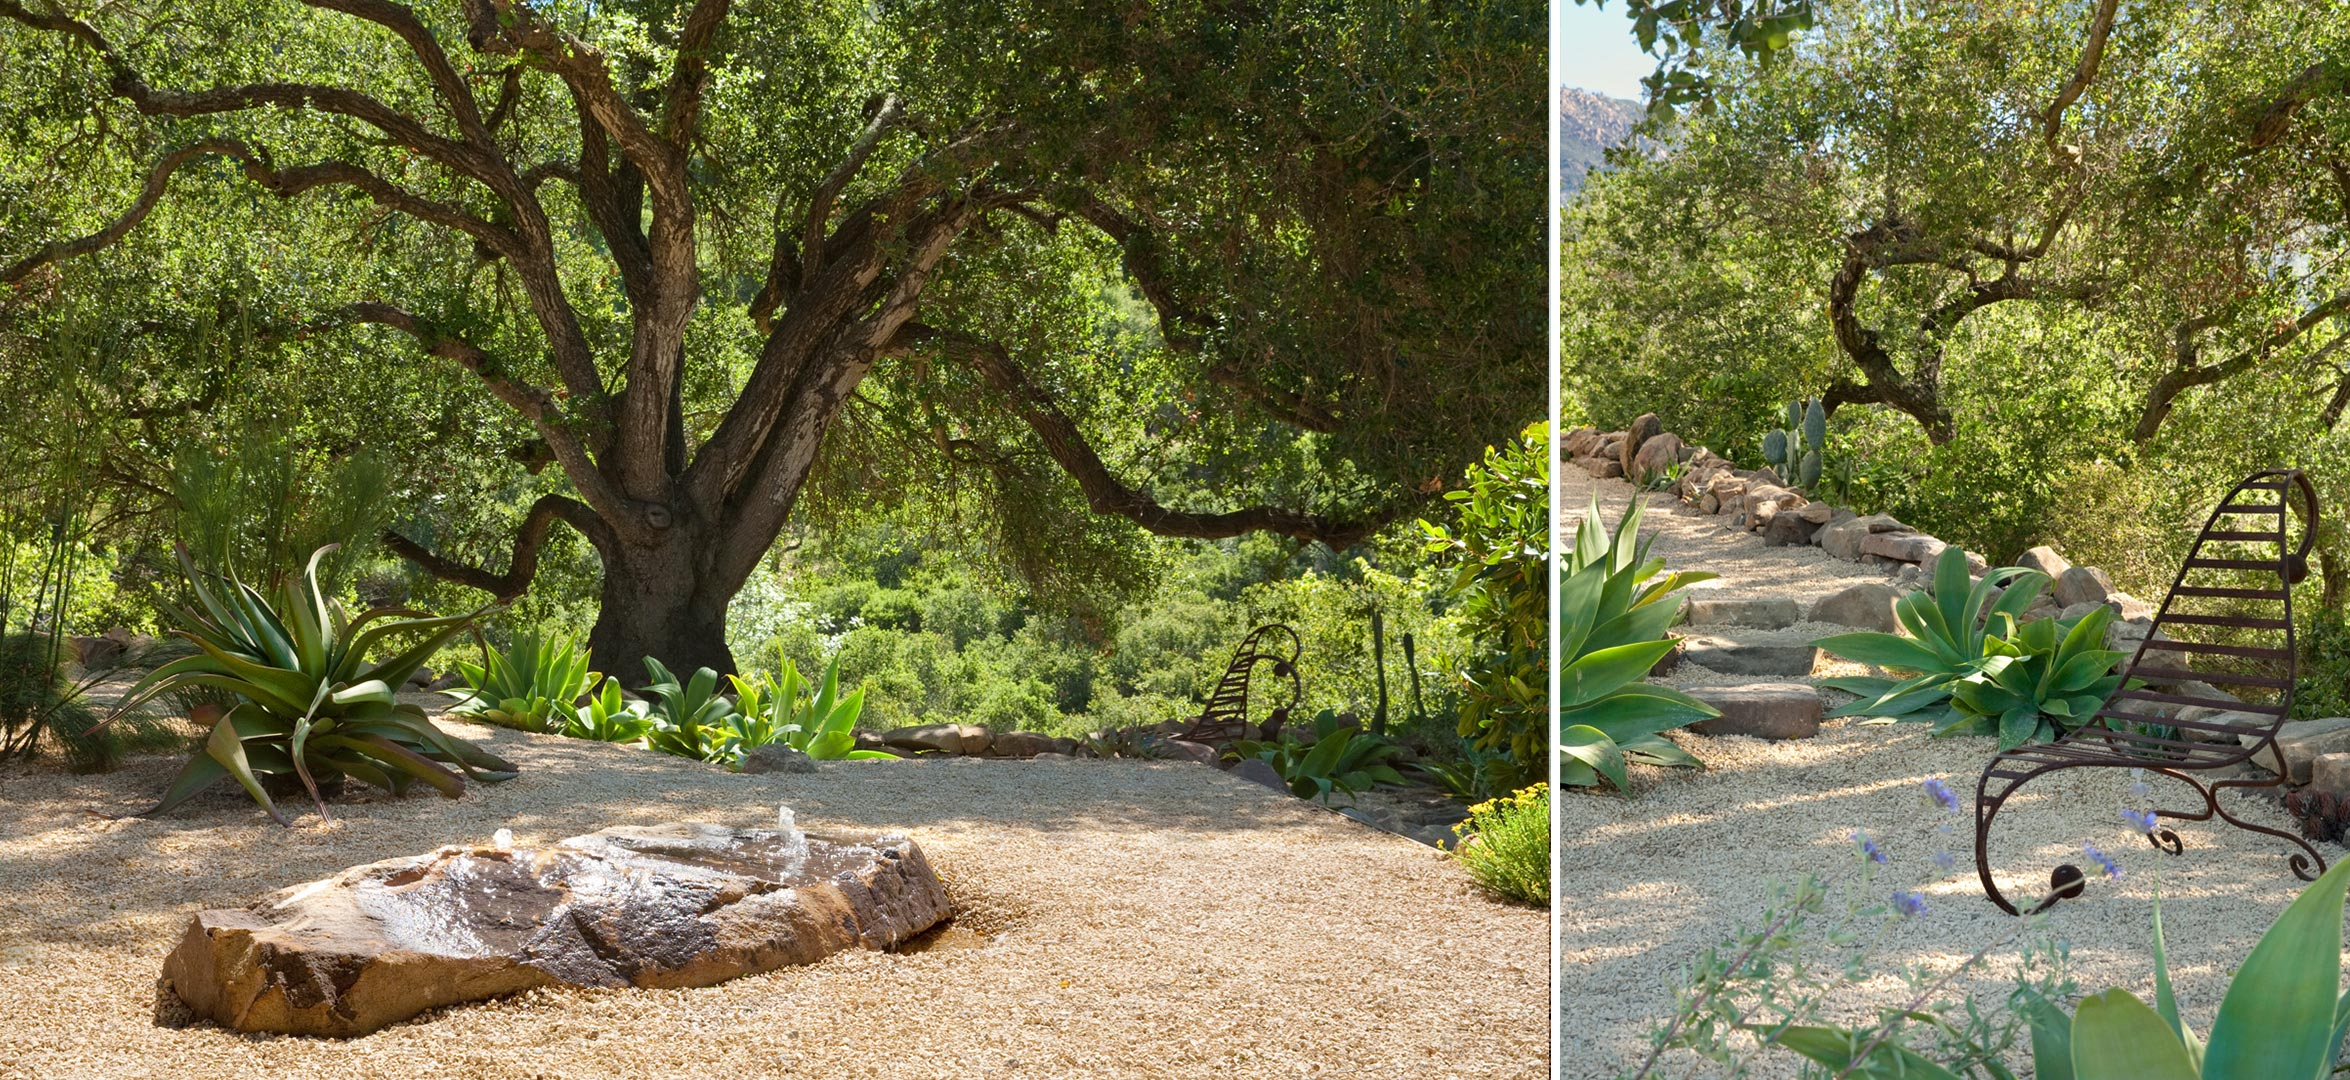 2-boulder-fountain-oak-tree.jpg